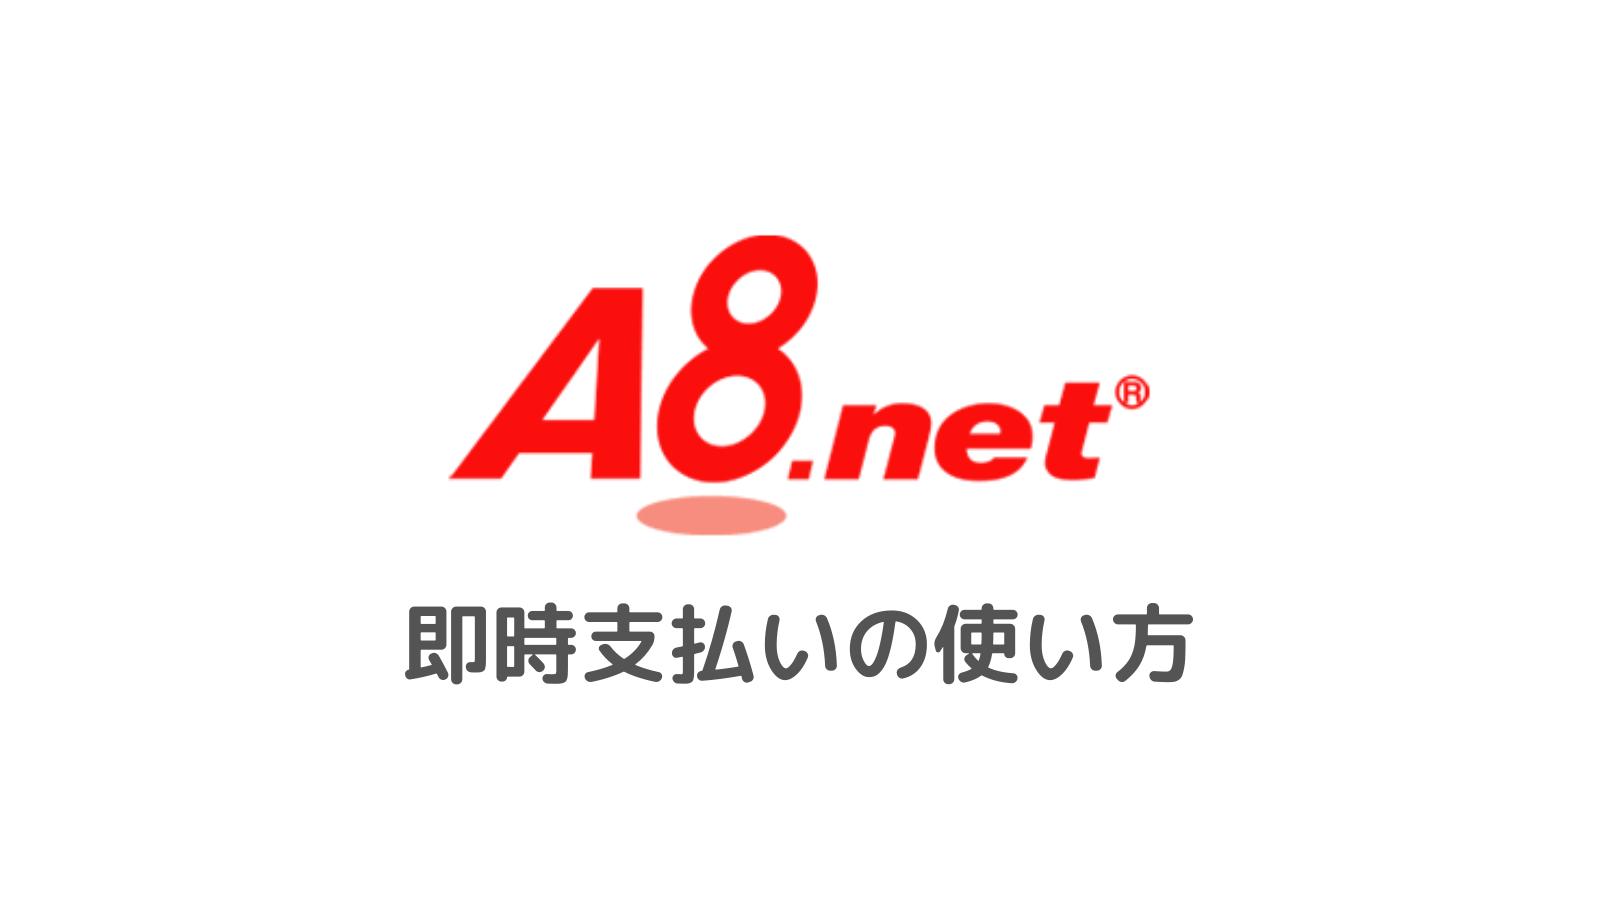 A8.netの即時支払機能の使い方